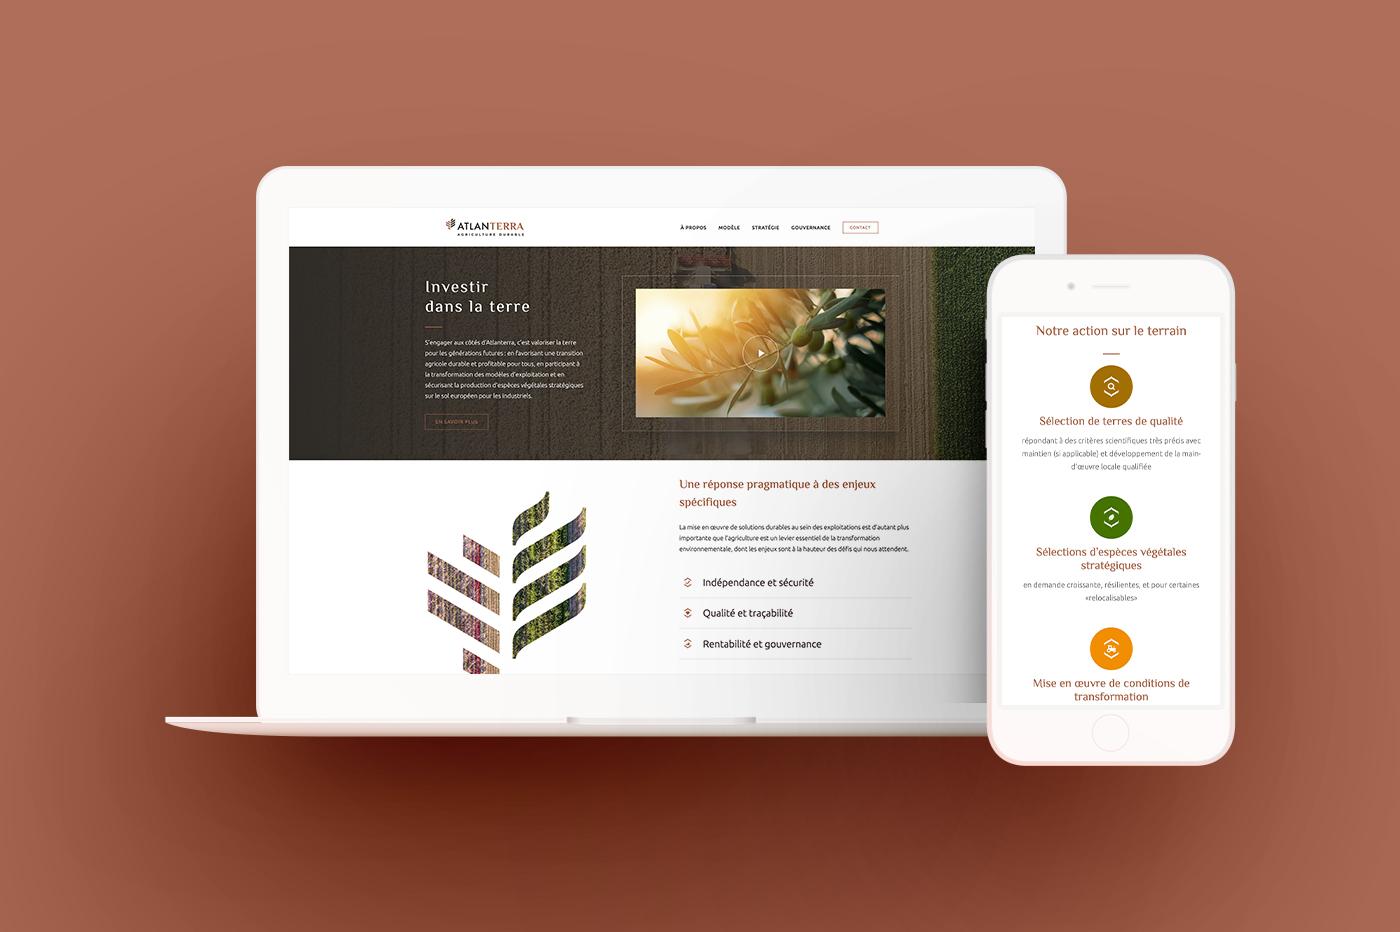 blossom accompagne le lancement de la marque Atlanterra pour répondre aux défis de l'agriculture de demain